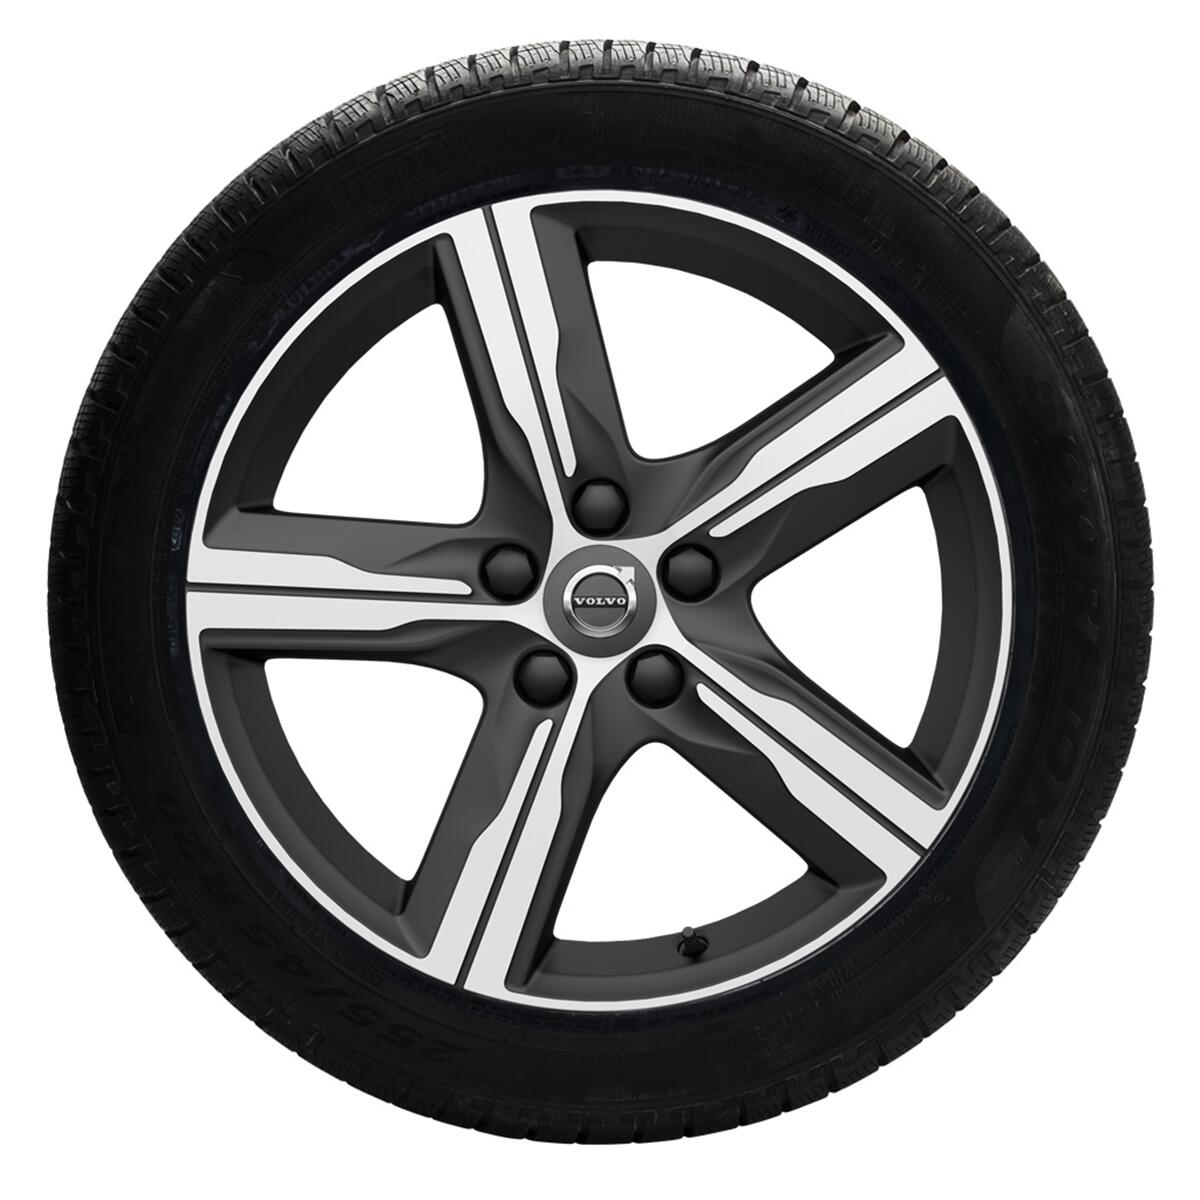 Komplet zimskih koles 43,18cm (17''); pnevmatike Pirelli